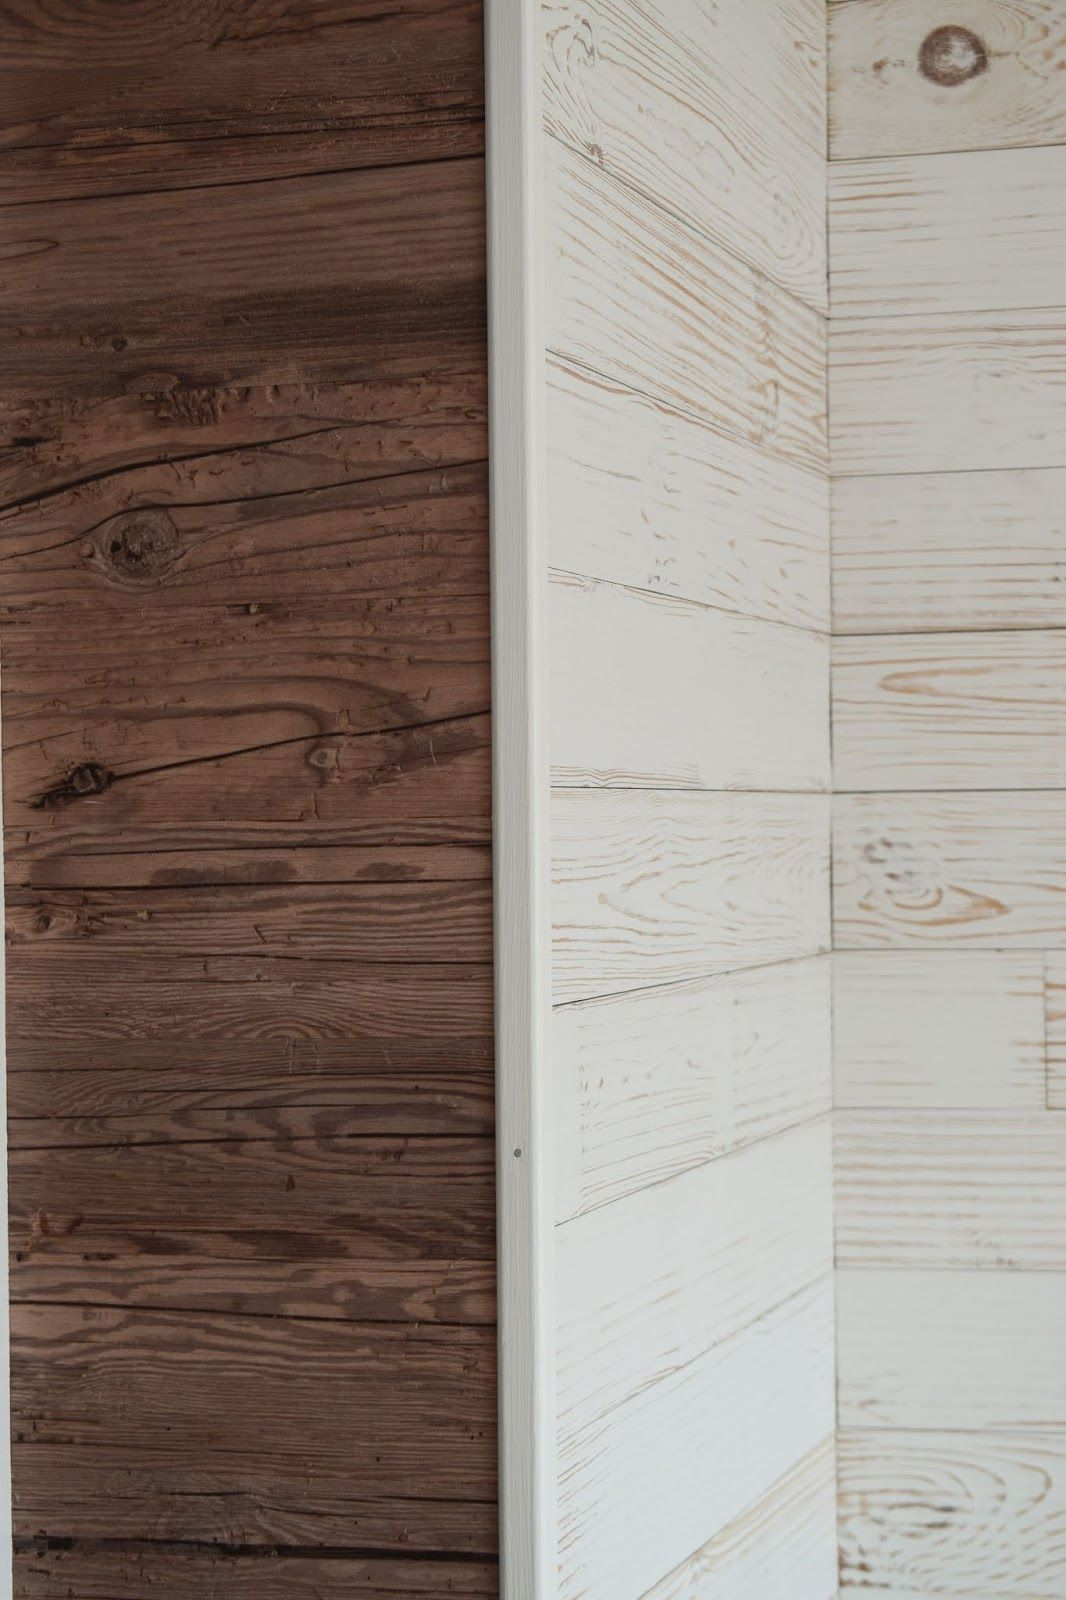 Holzverkleidung Fur Die Wand Mit Wandwood Paneele Einfach Kleben Anleitung Holzwand Verkleiden Und Selbermachen Wandg Holzpaneele Holzverkleidung Verkleidung